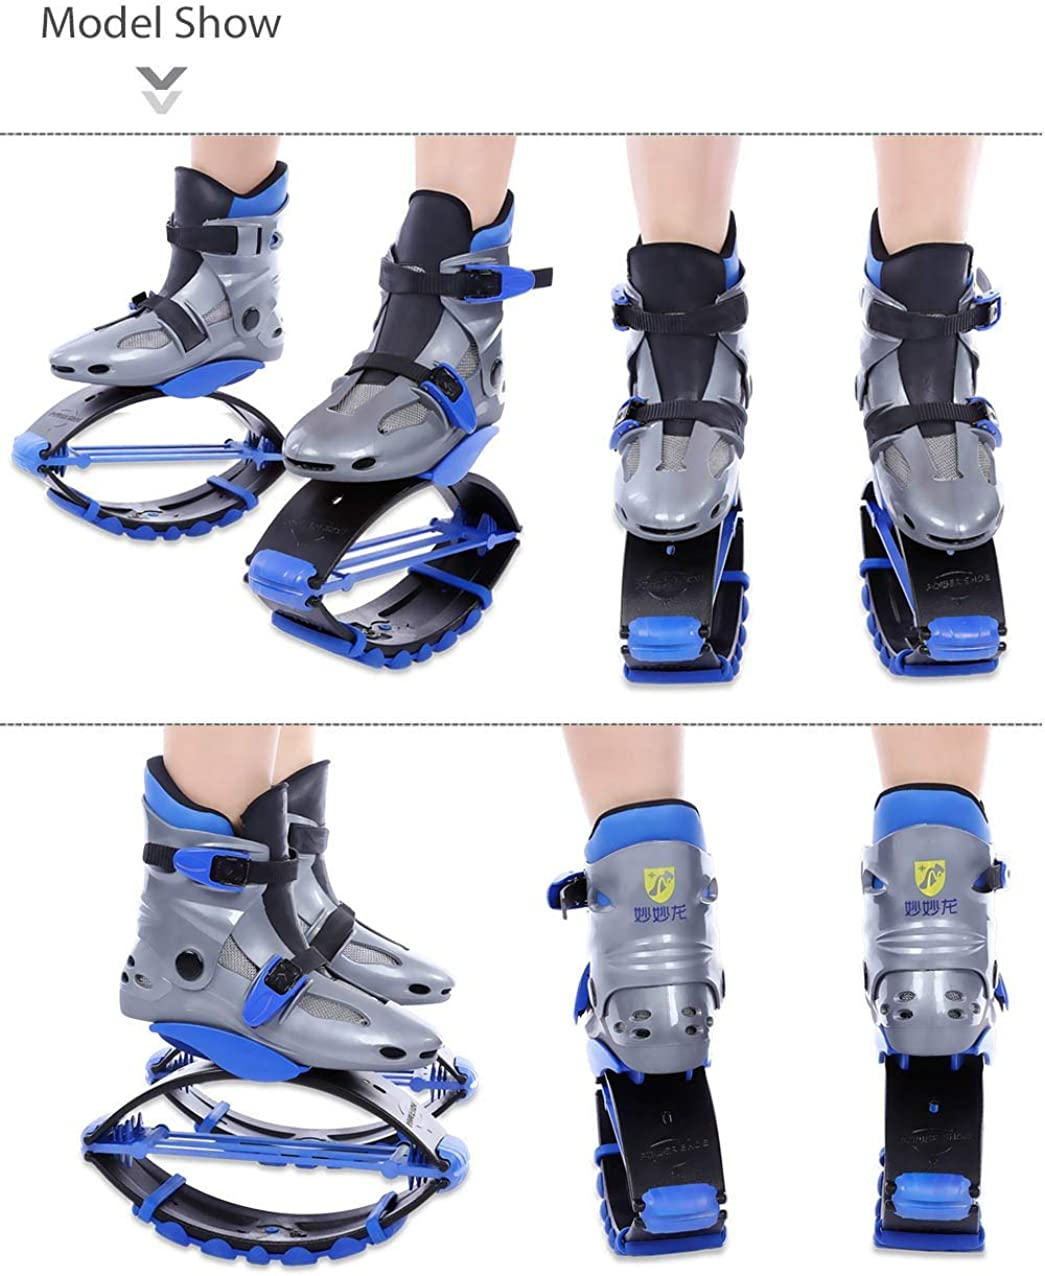 Moojm Gar/çons Filles Kangourou Bottes Jumps Bounce Chaussures Rebound Chaussures Fitness Enfants Exercise Trainning Jouets 20-70kg Bandouli/ère Cadeau